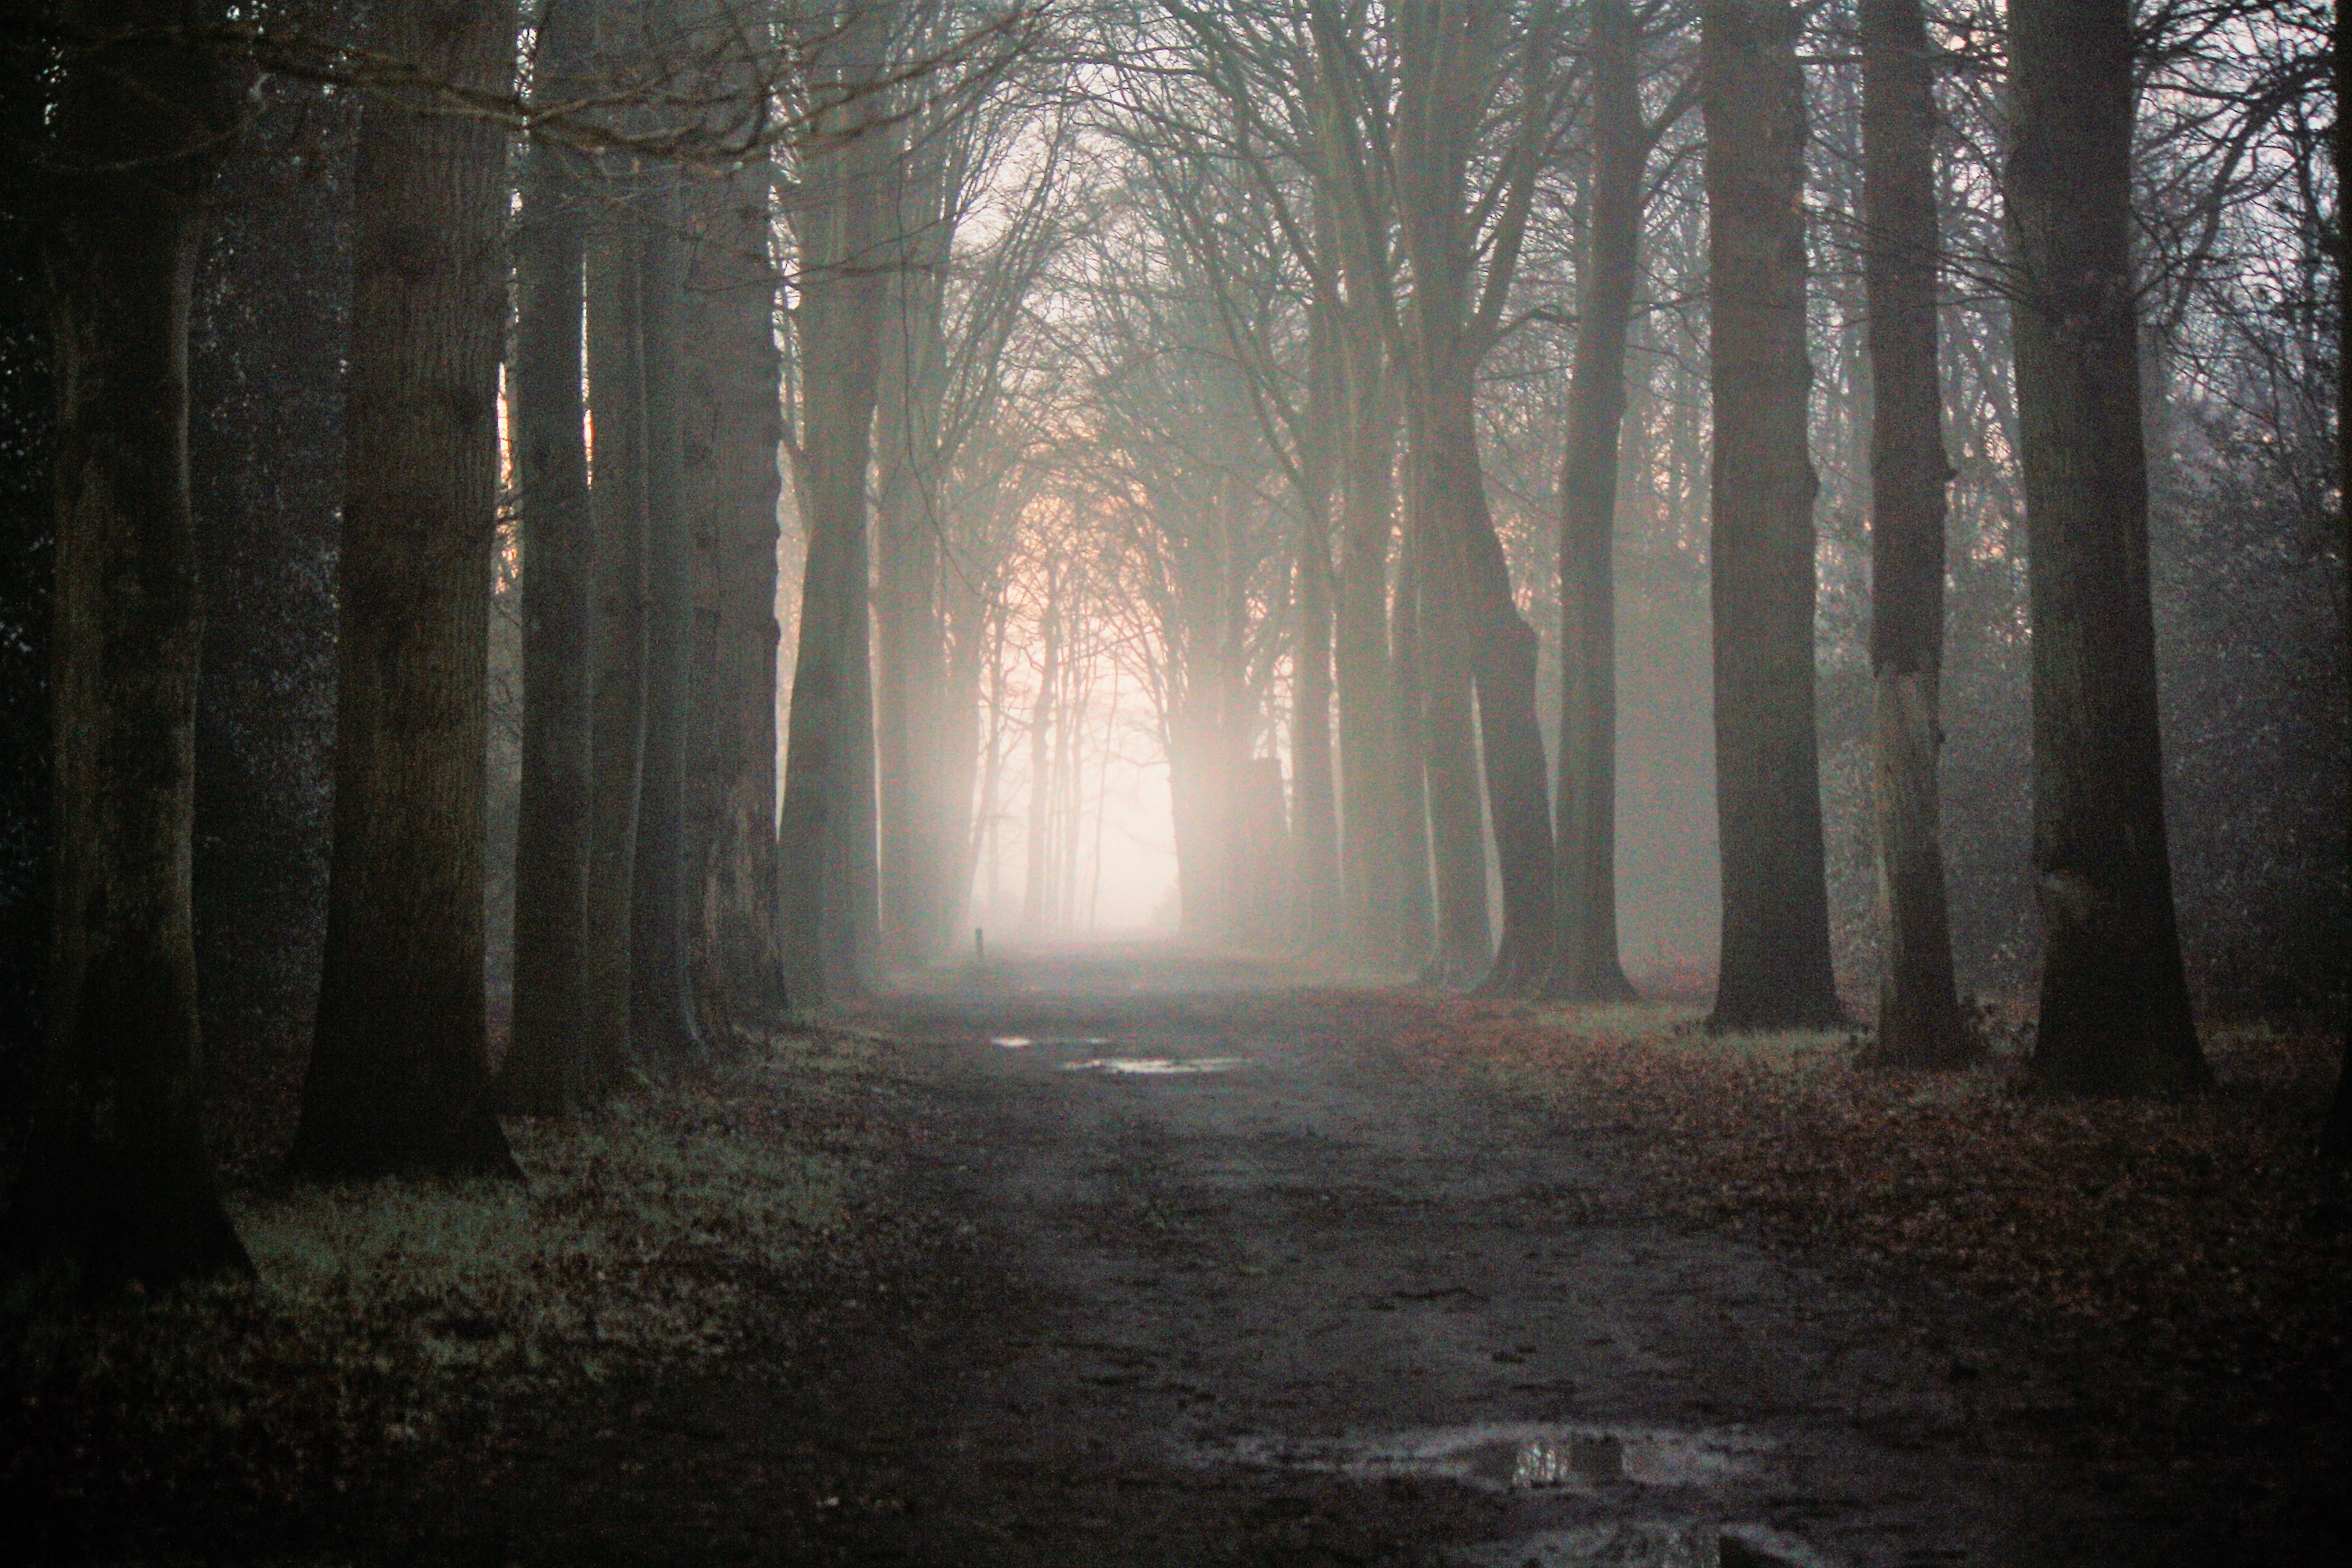 Denk niet zwart wit maar aan de kleur van je hart. Songtekst Frank Boeijen.